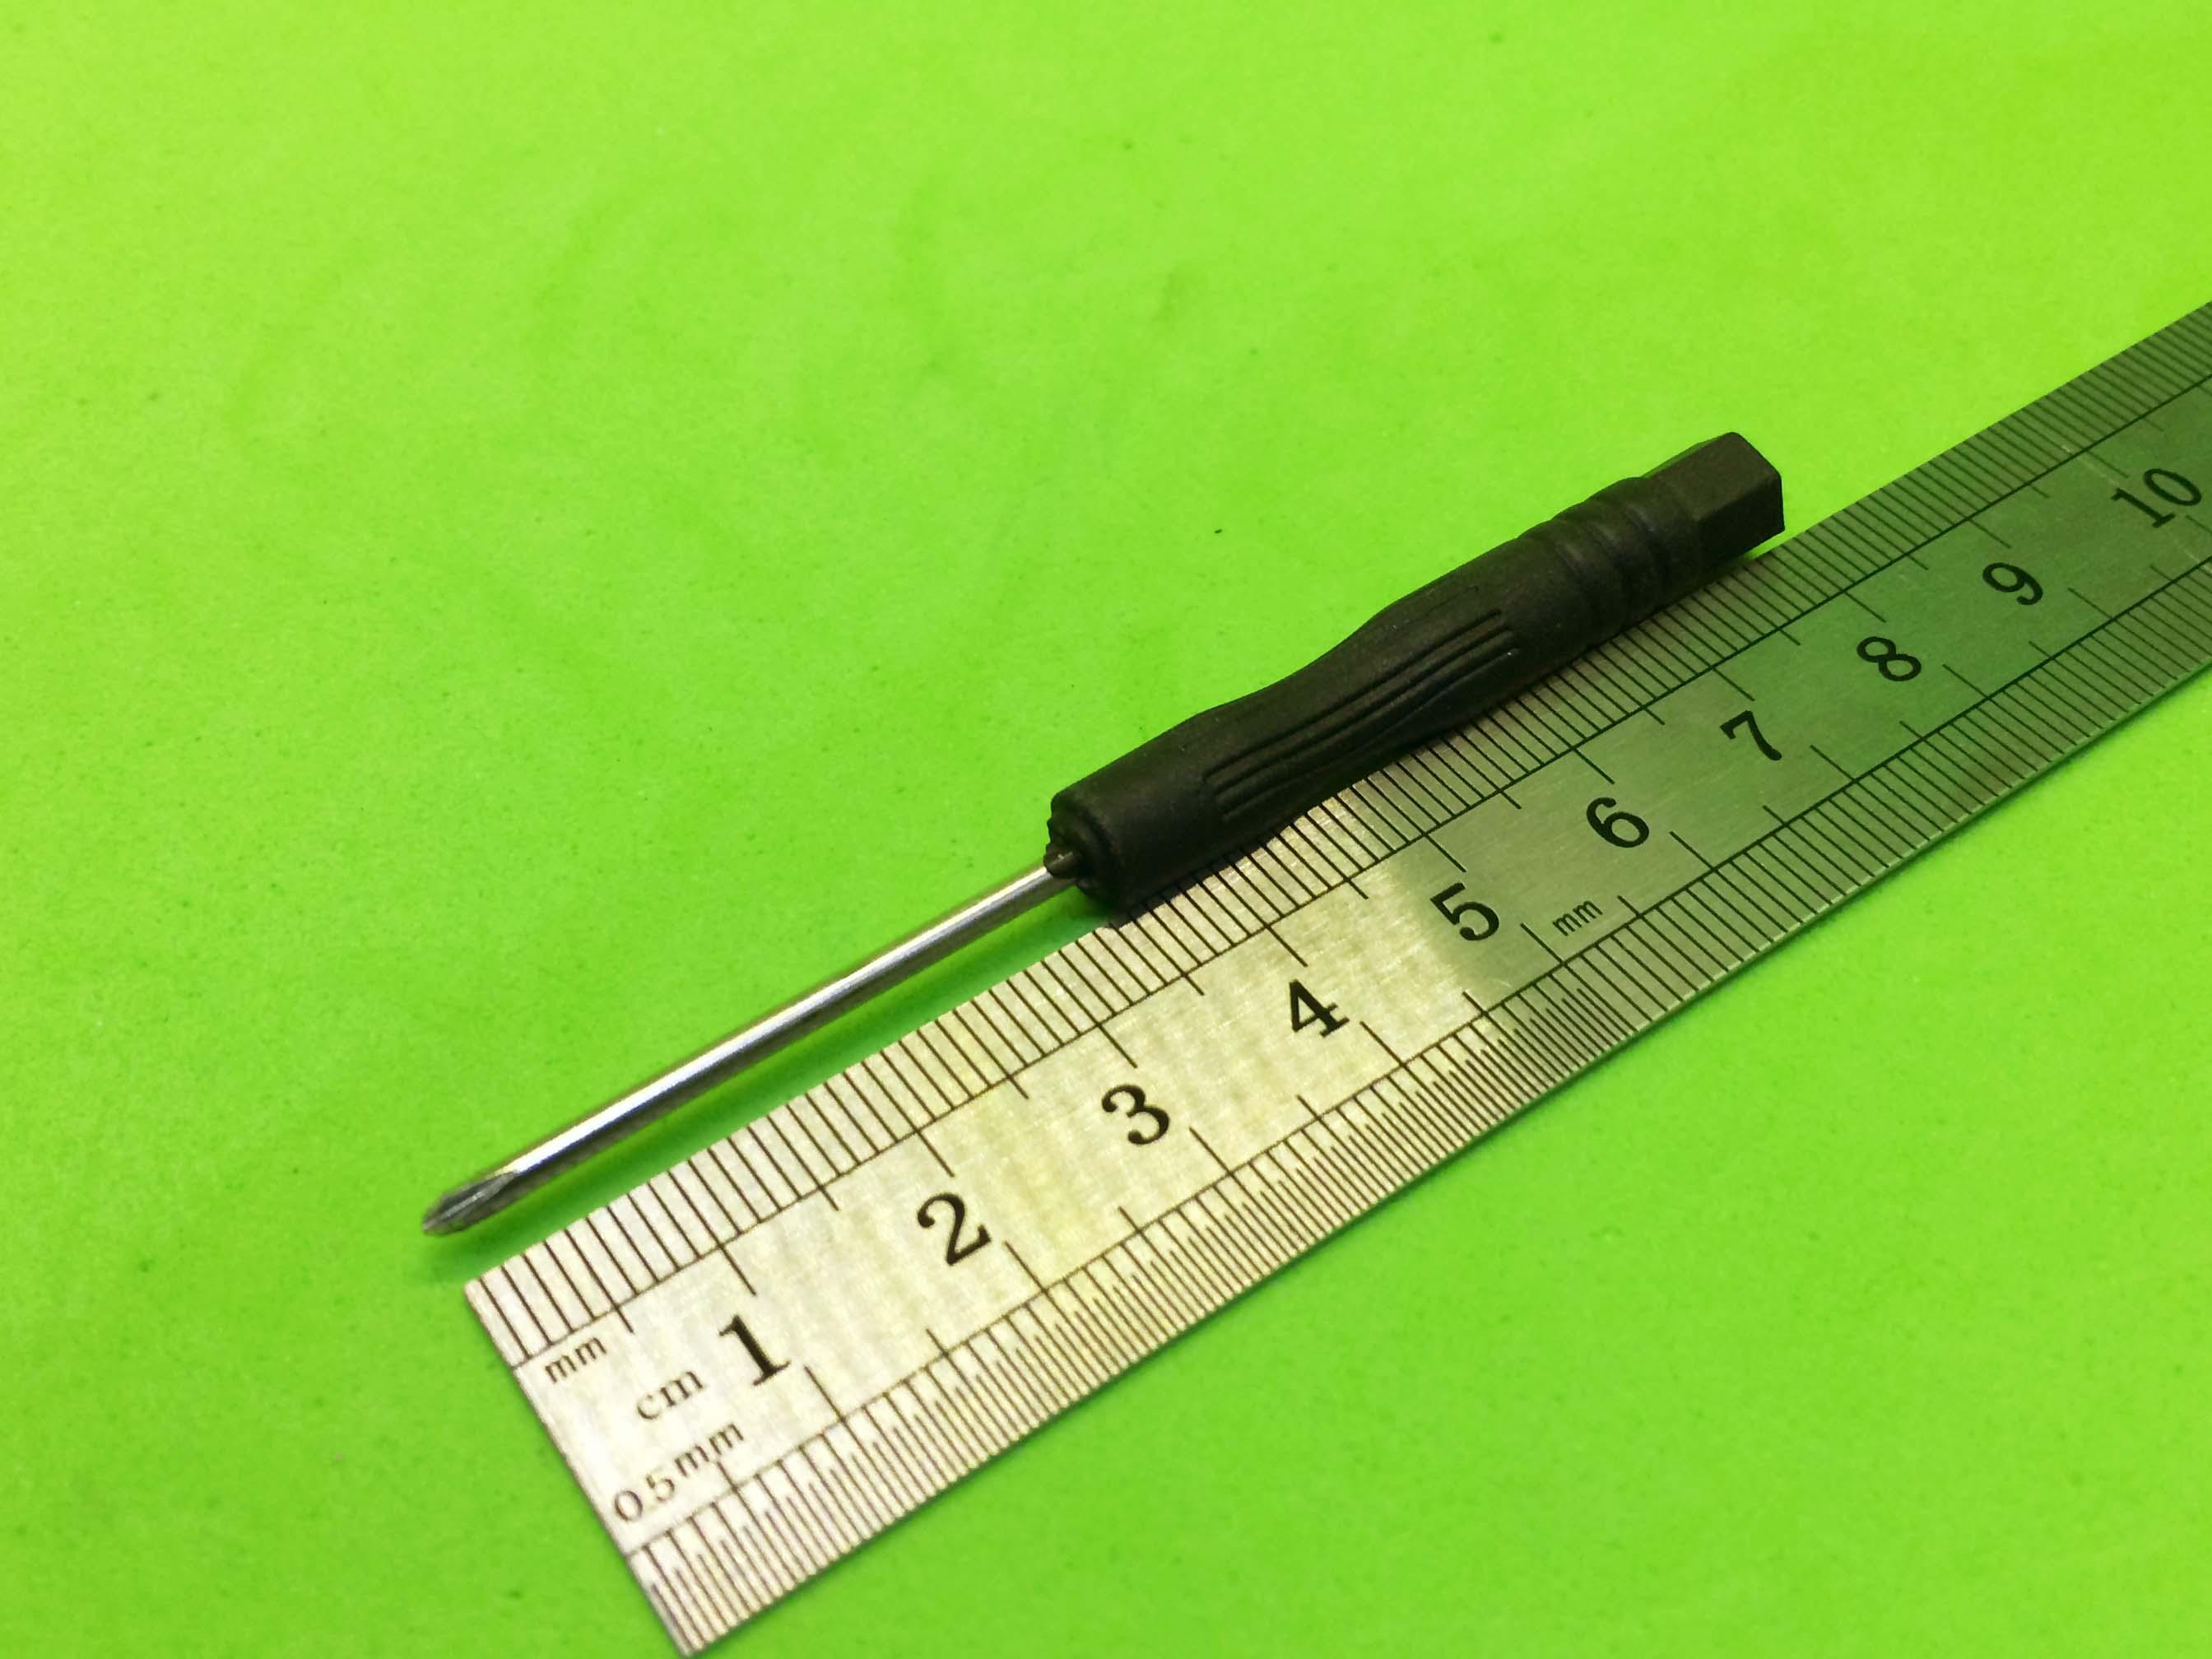 Tô vít đen 4 cạnh 2mm